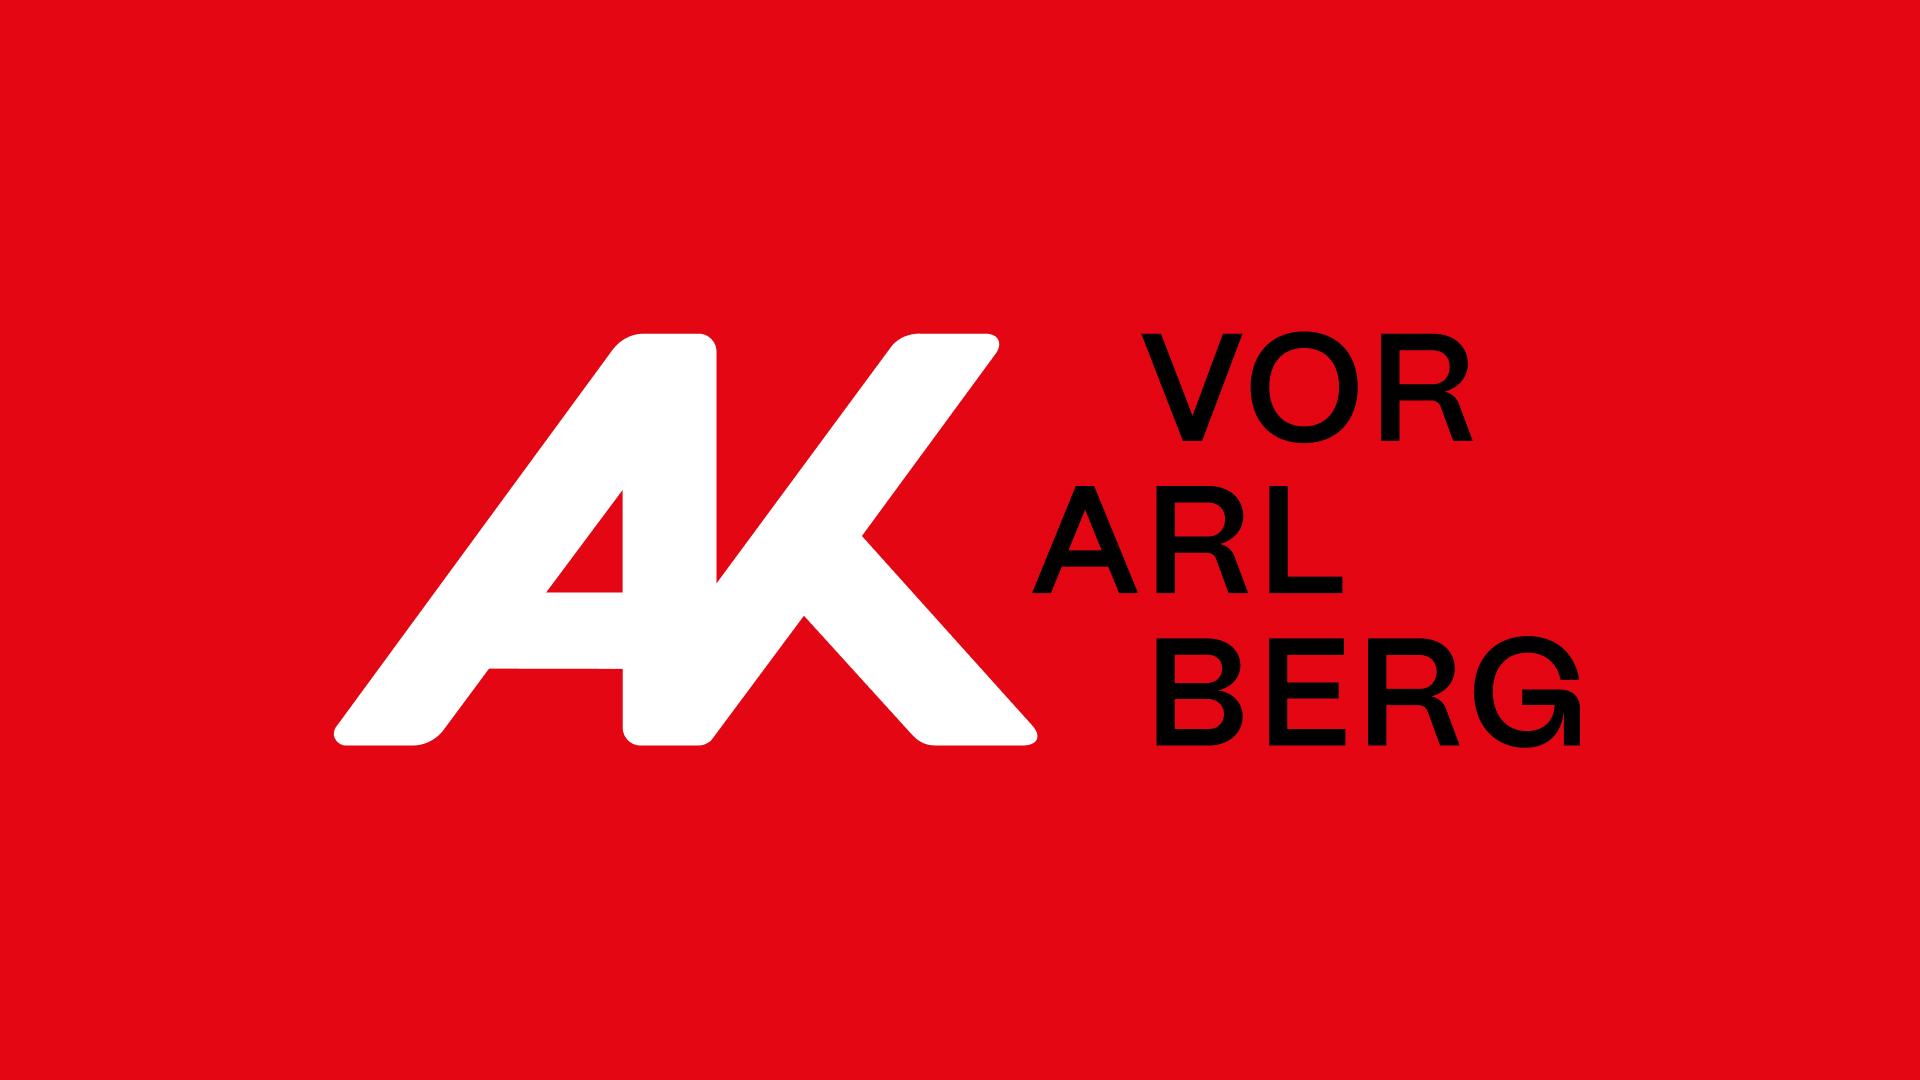 Musterbrief Für Die Kündigung Eines Mietvertrags Ak Vorarlberg